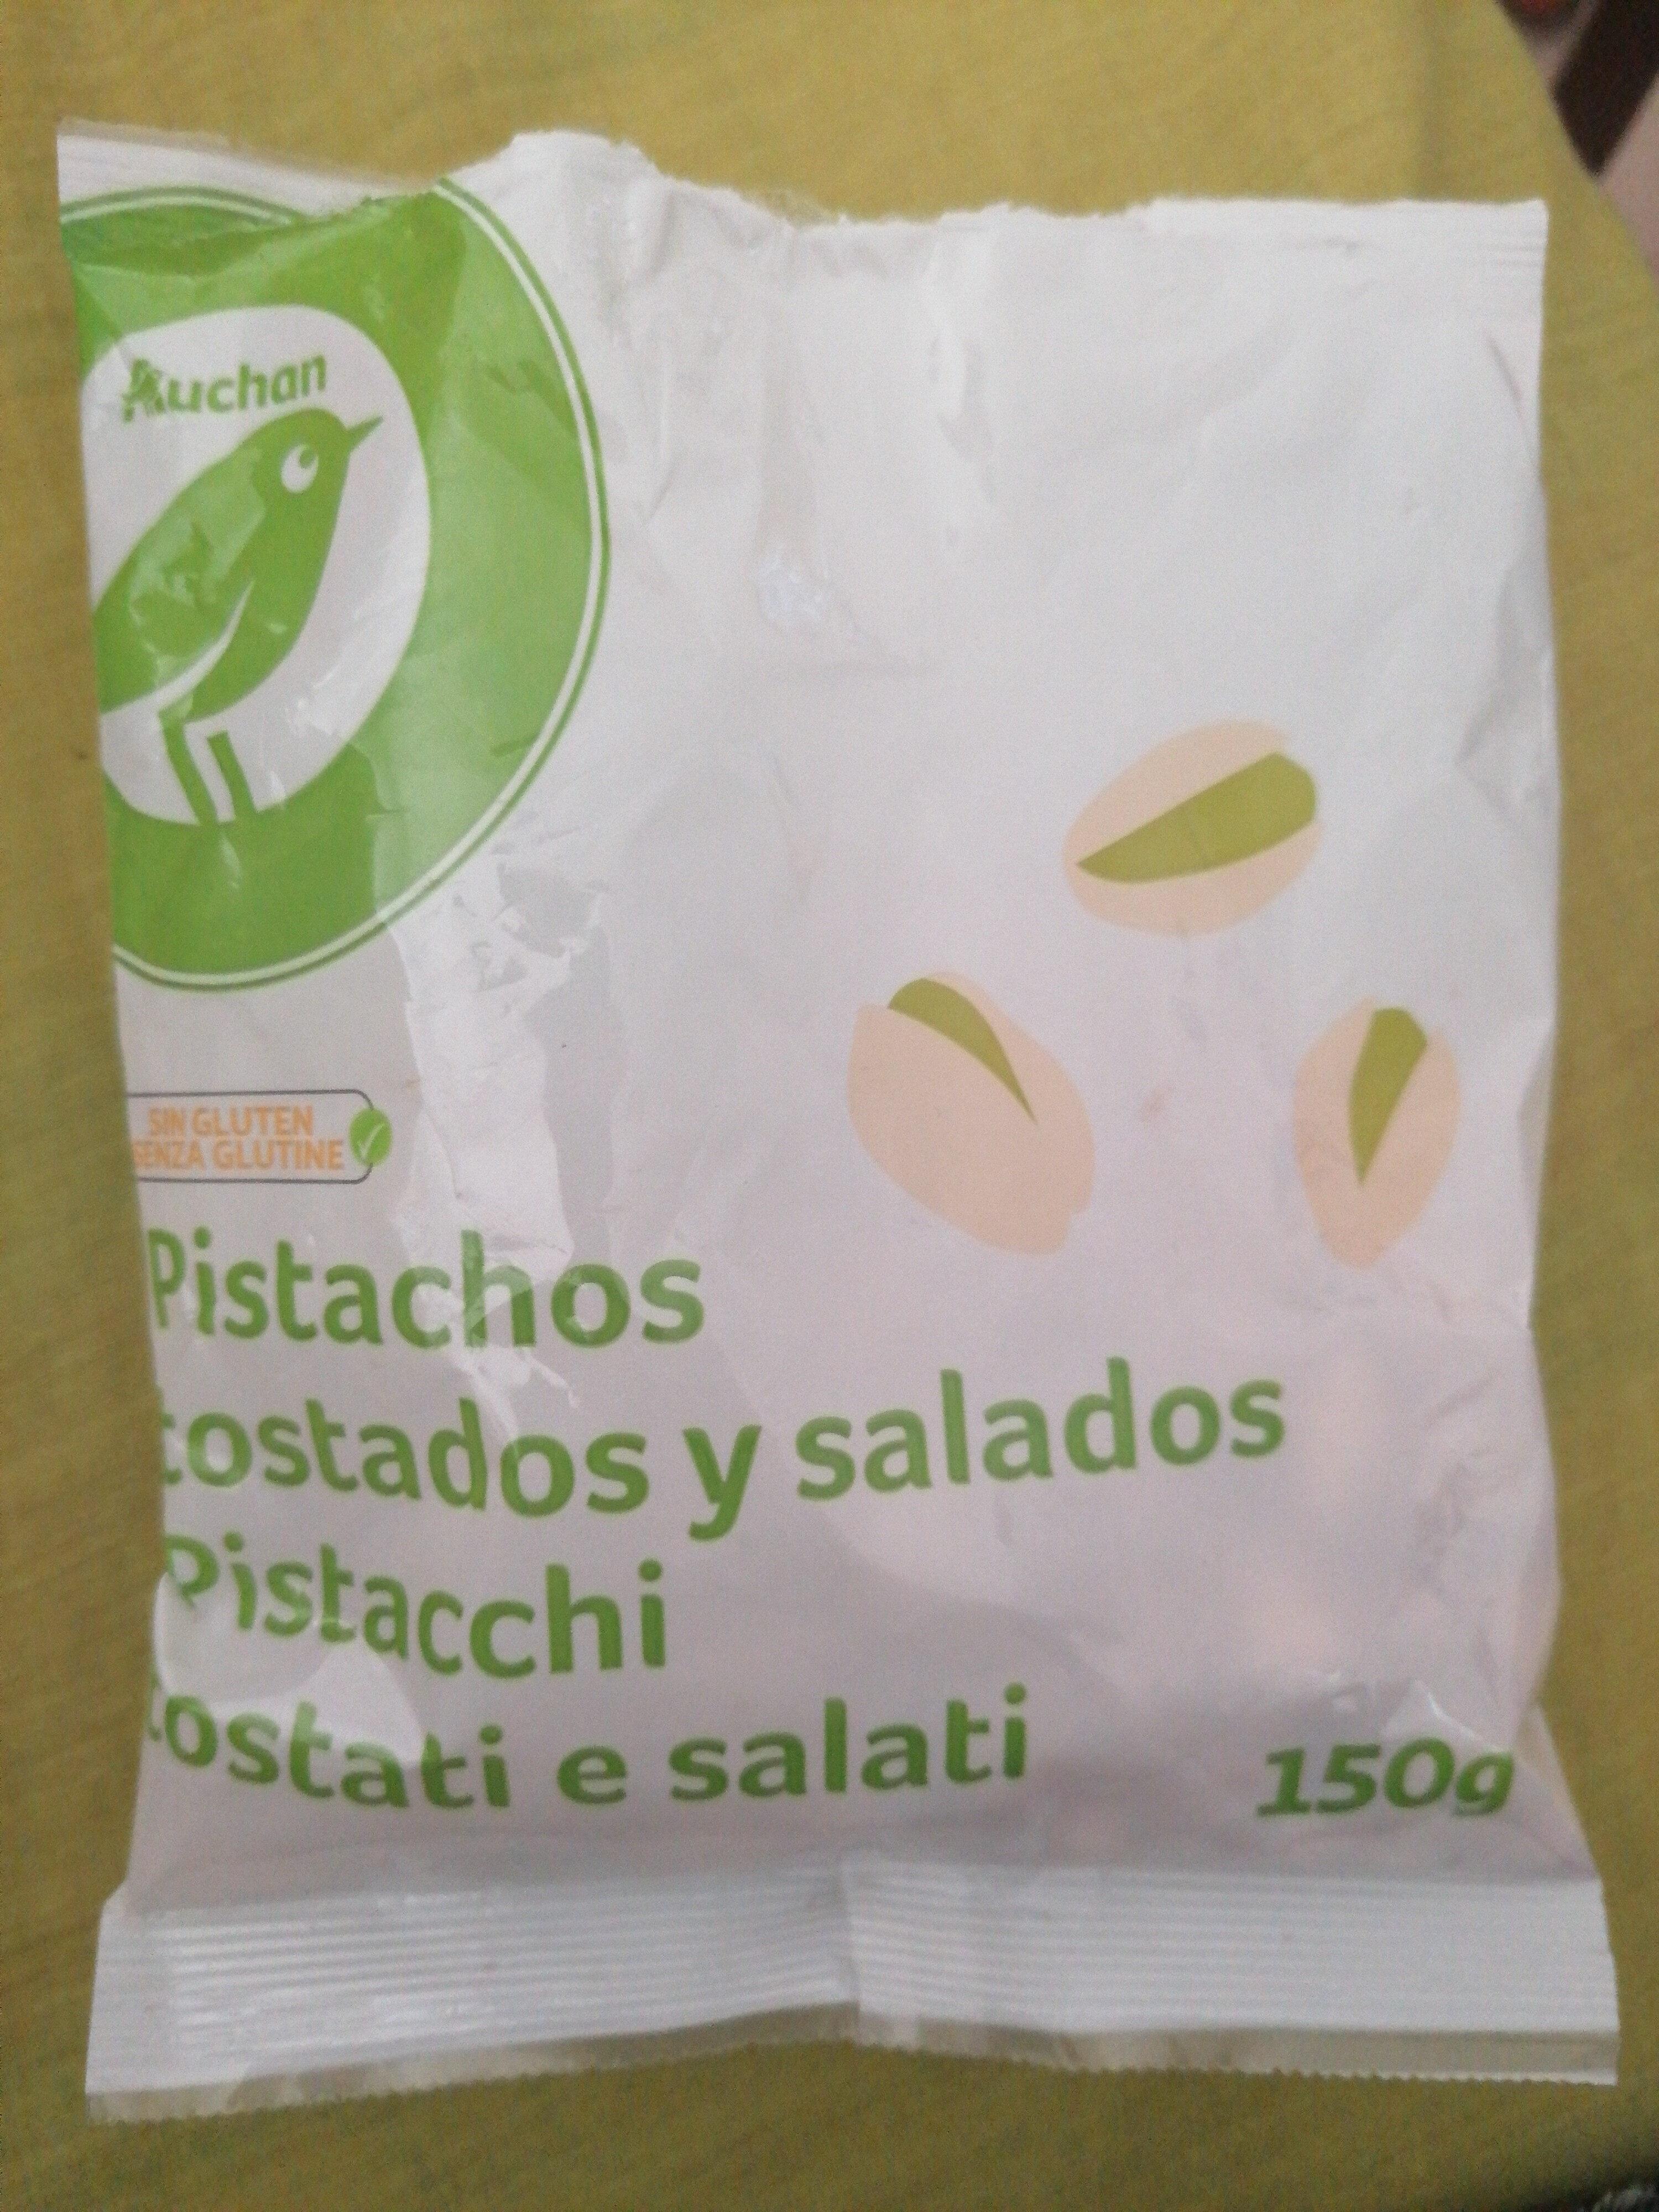 Pistachos salados tostados - Produit - es